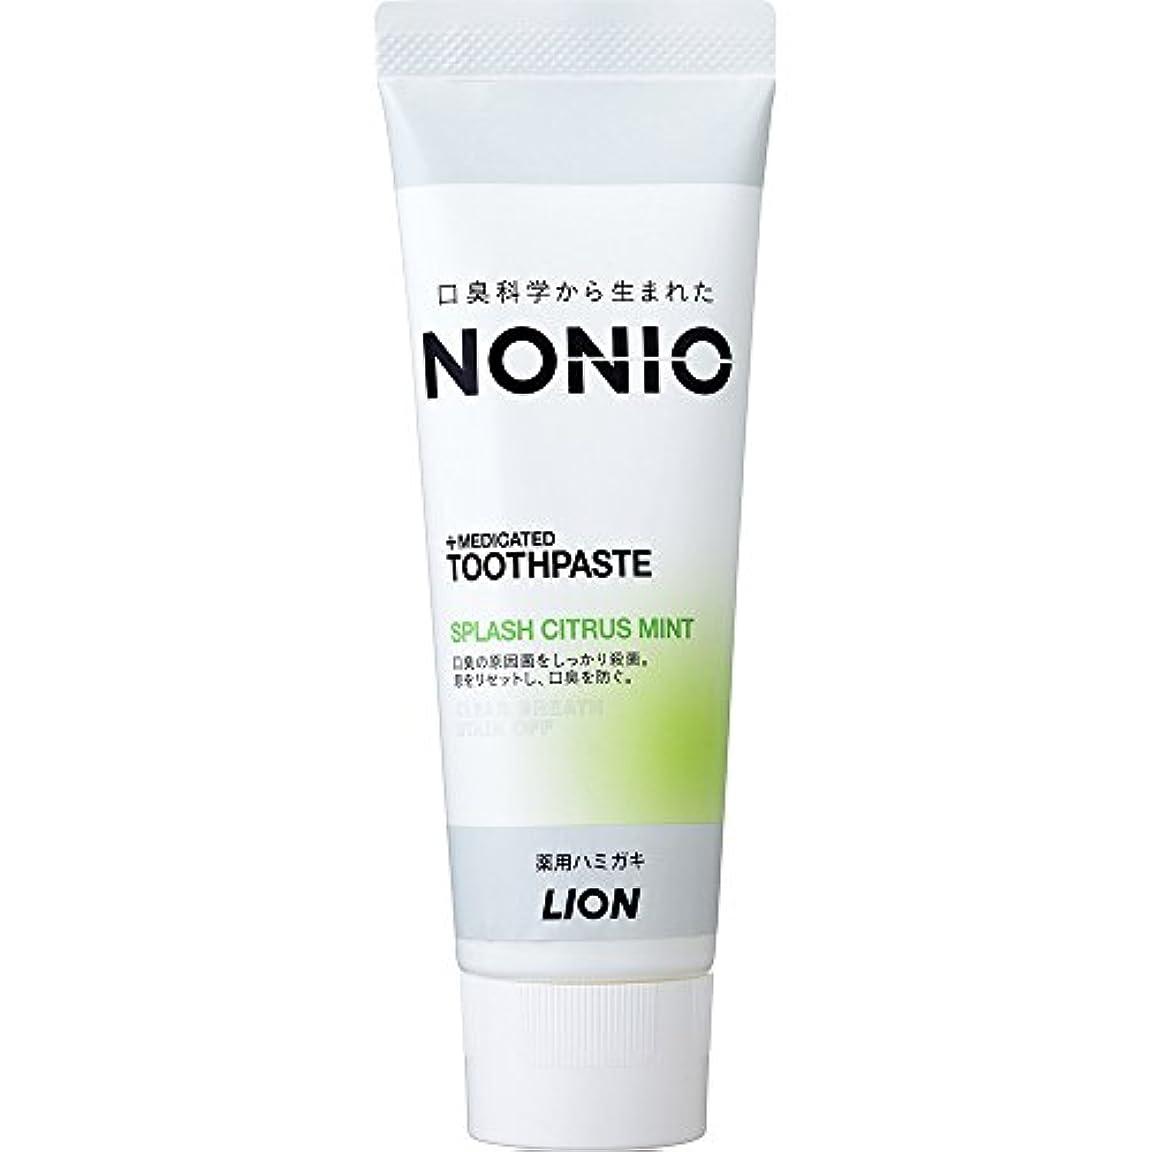 入場料一般的な具体的にNONIO ハミガキ スプラッシュシトラスミント 130g (医薬部外品)